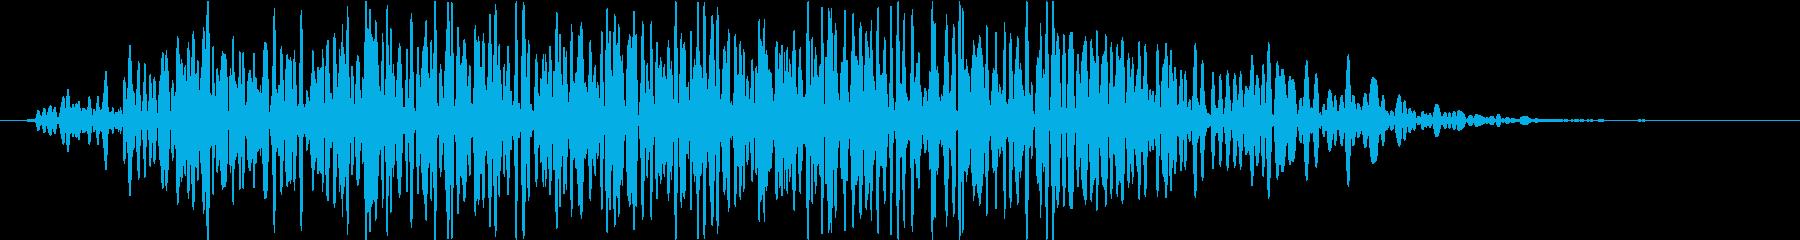 重い物を動かす時の音(ゴゴゴ…)の再生済みの波形